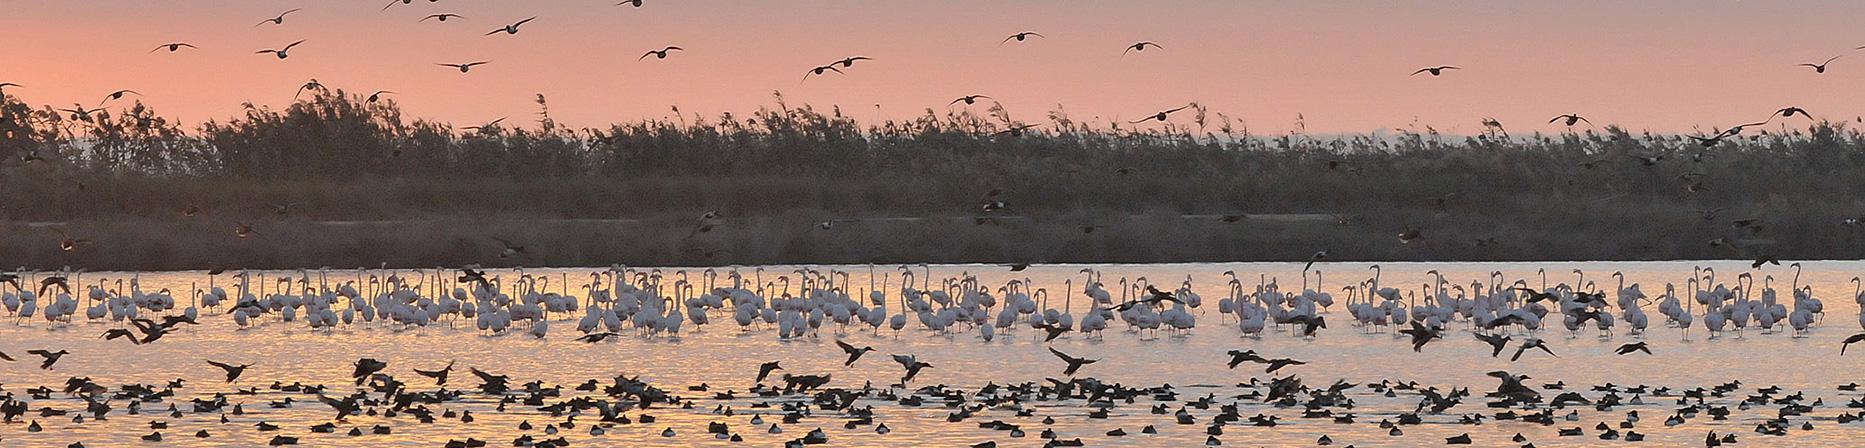 Observación de aves en las marismas de Doñana